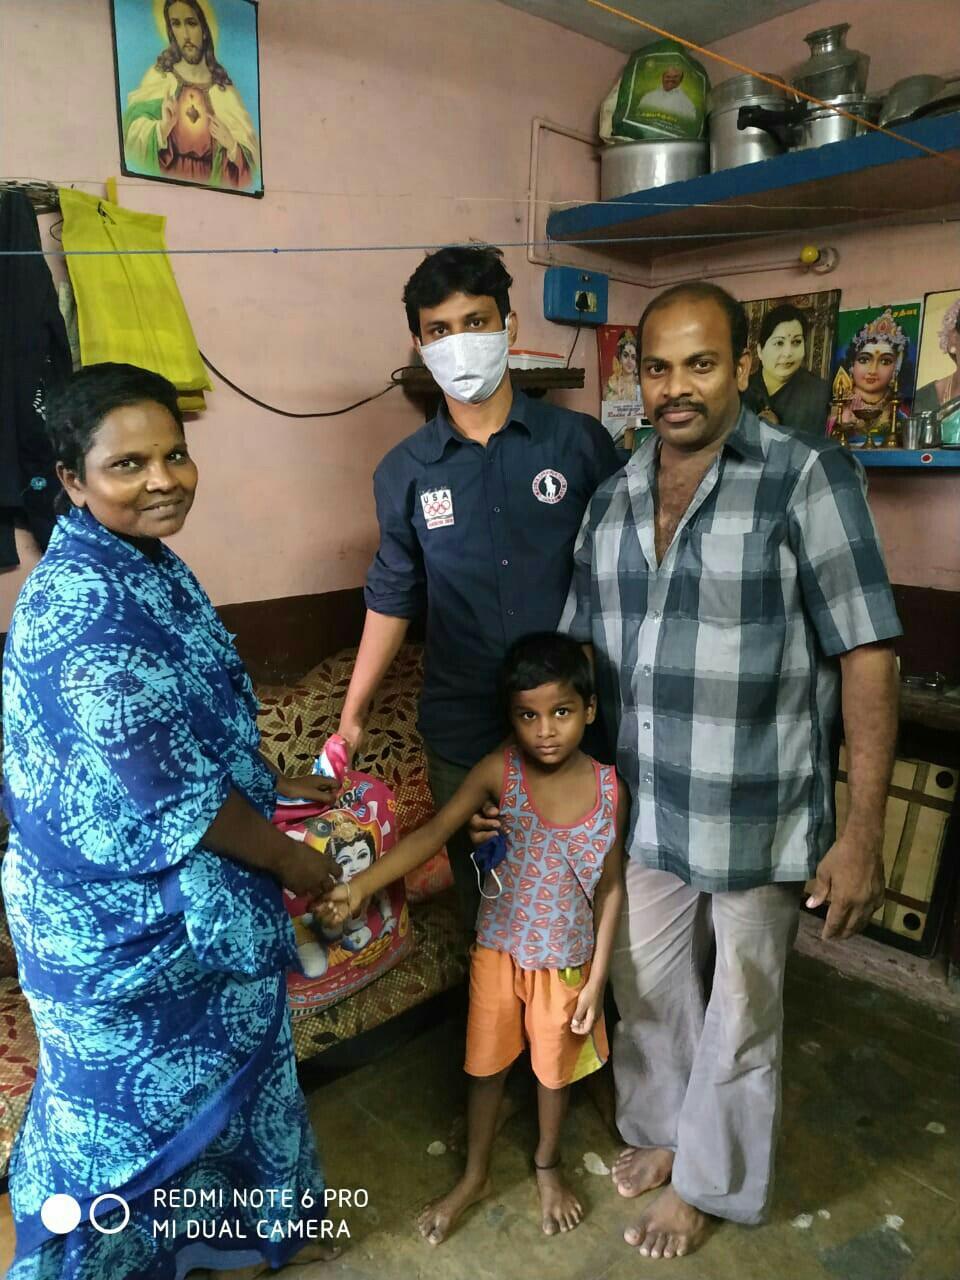 பேரிடர் நிவாரணம் வழங்கும் நிகழ்வு - இராயபுரம்